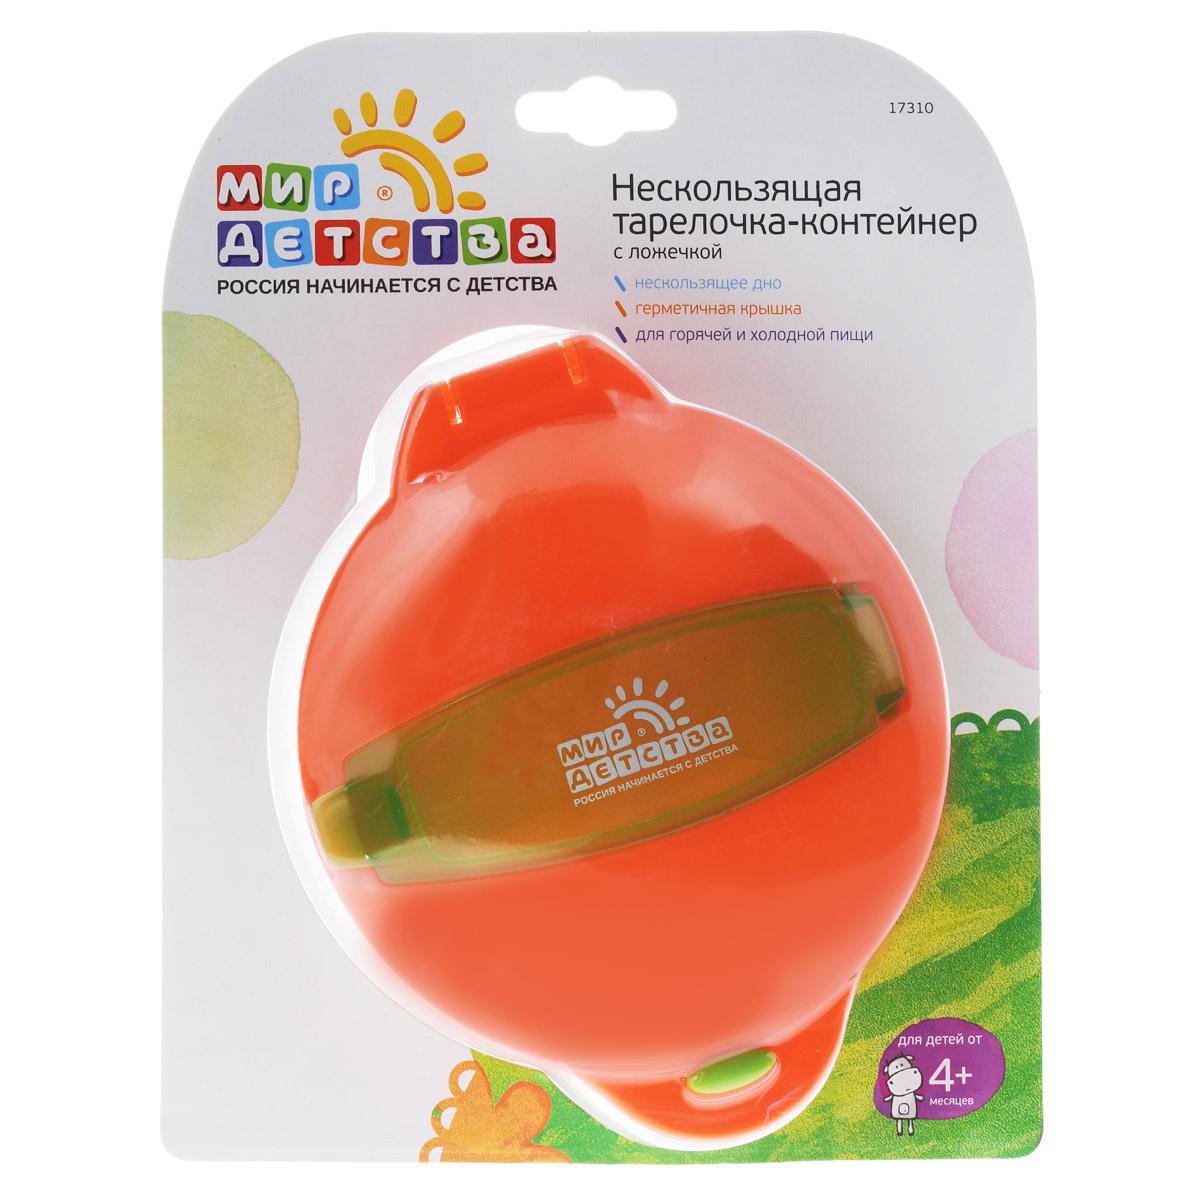 Тарелочка-контейнер с ложечкой Мир детства, от 4 месяцев, цвет: оранжевый, зеленый17310_оранжевыйТарелочка-контейнер Мир детства, выполненная из полипропилена и терморезины, предназначена для кормления малыша. Дно со специальным покрытием предотвращает скольжение тарелочки по столу и придает ей дополнительную устойчивость. Тарелочка подходит для горячей и холодной пищи. Герметичная крышка помогает сохранить вкус и свежесть продуктов.Тарелочка имеет встроенной контейнер для хранения ложечки (входит в комплект).Можно мыть в посудомоечной машине. Не допускается использование в микроволновой печи.